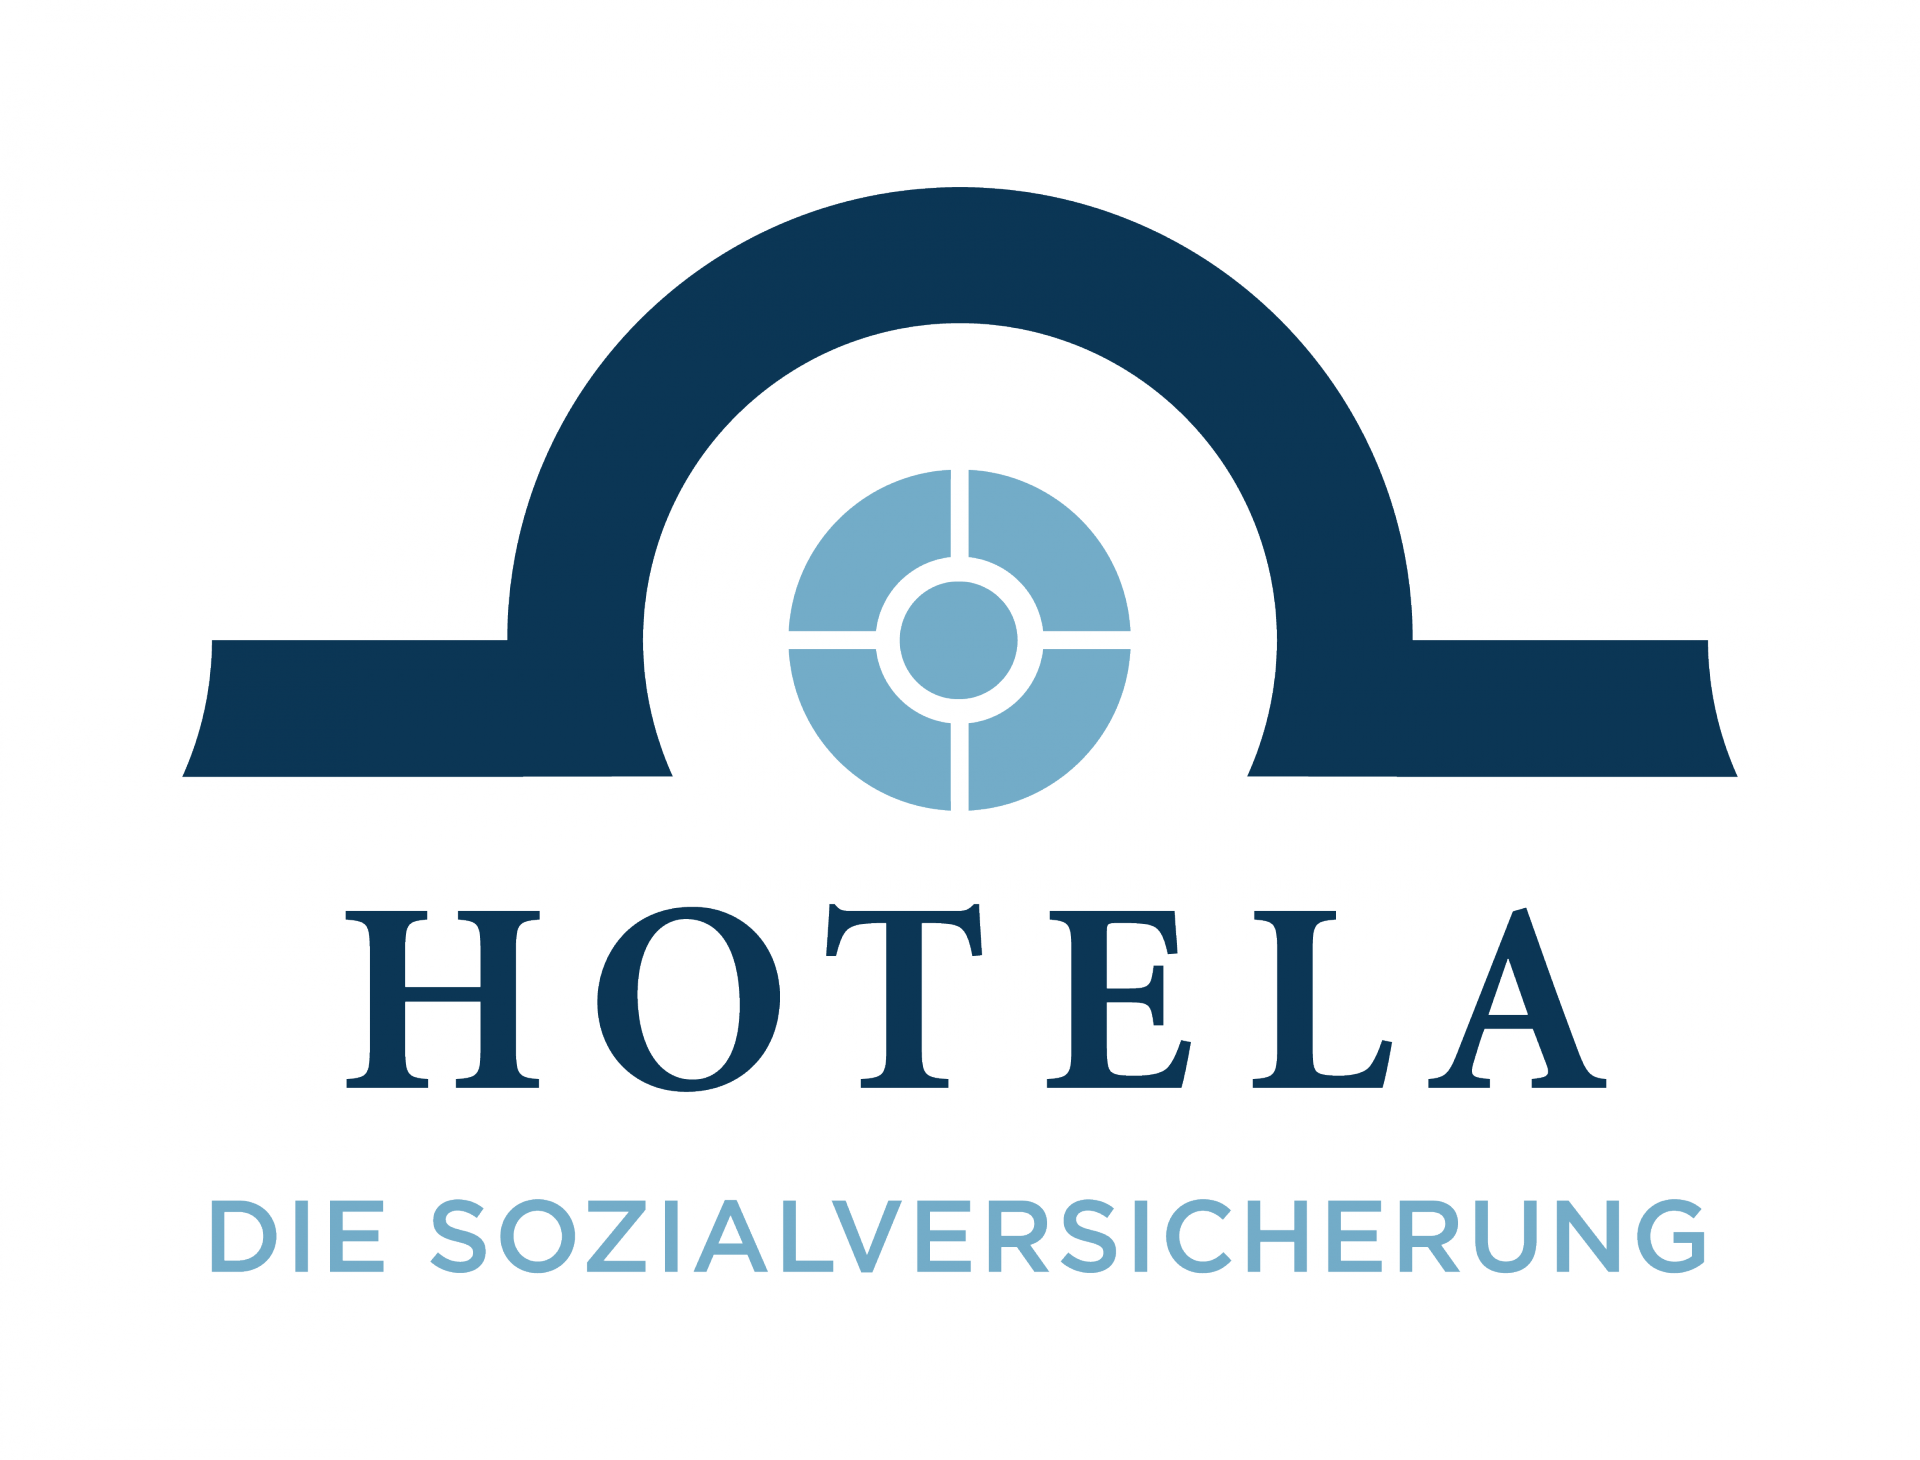 Hotela – Die sozialversichierung